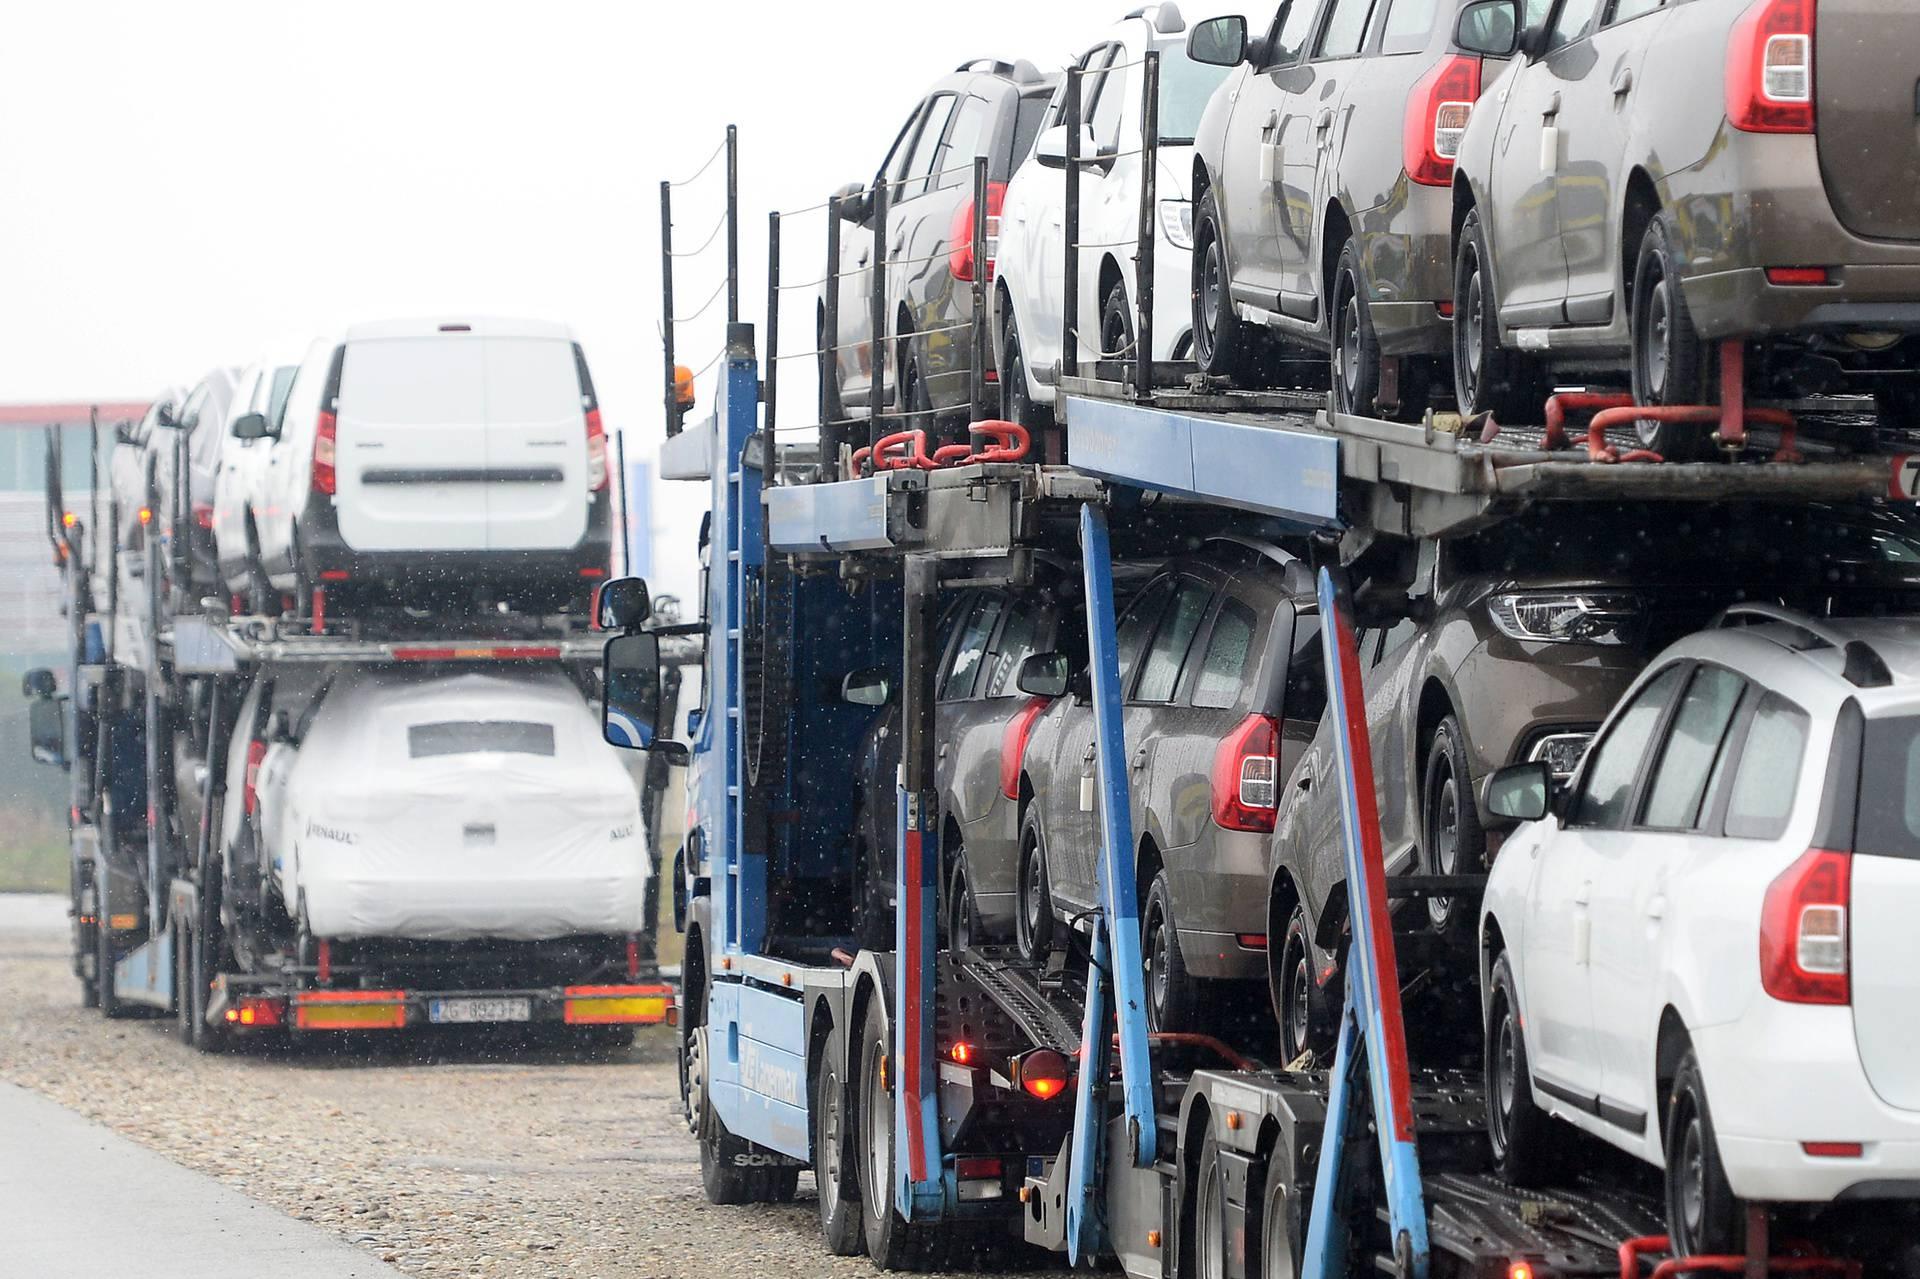 Tržište se dobro oporavlja, VW i Škoda najuspješniji u Hrvatskoj